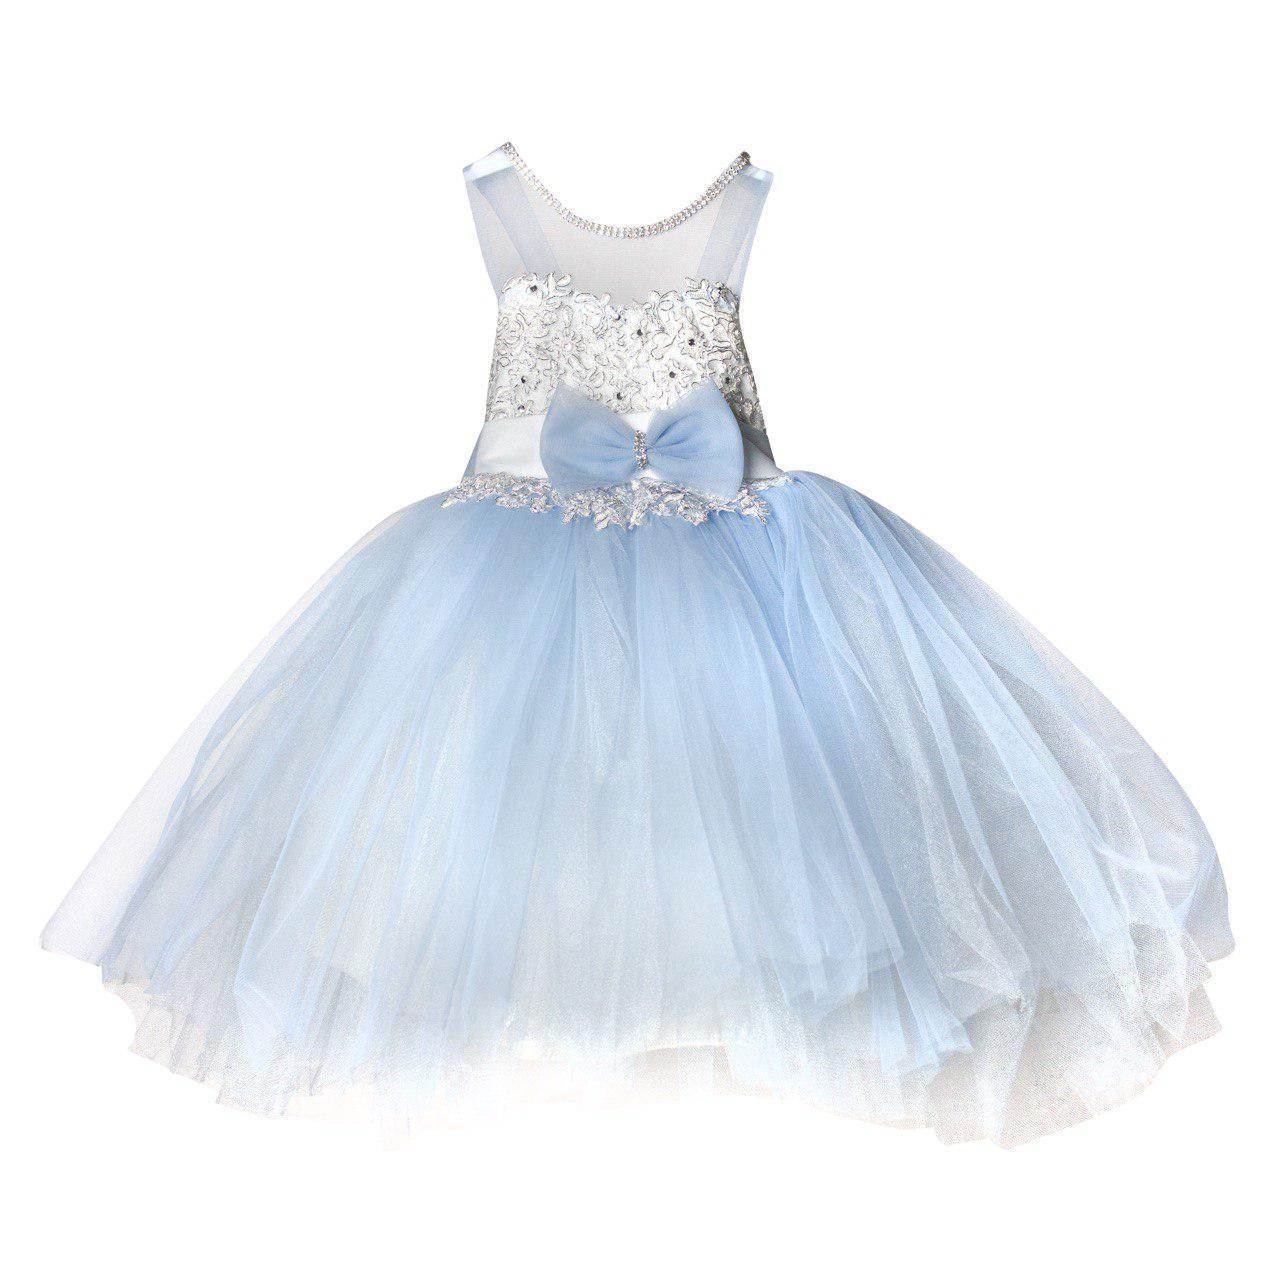 Нарядное платье для девочки, 2 года